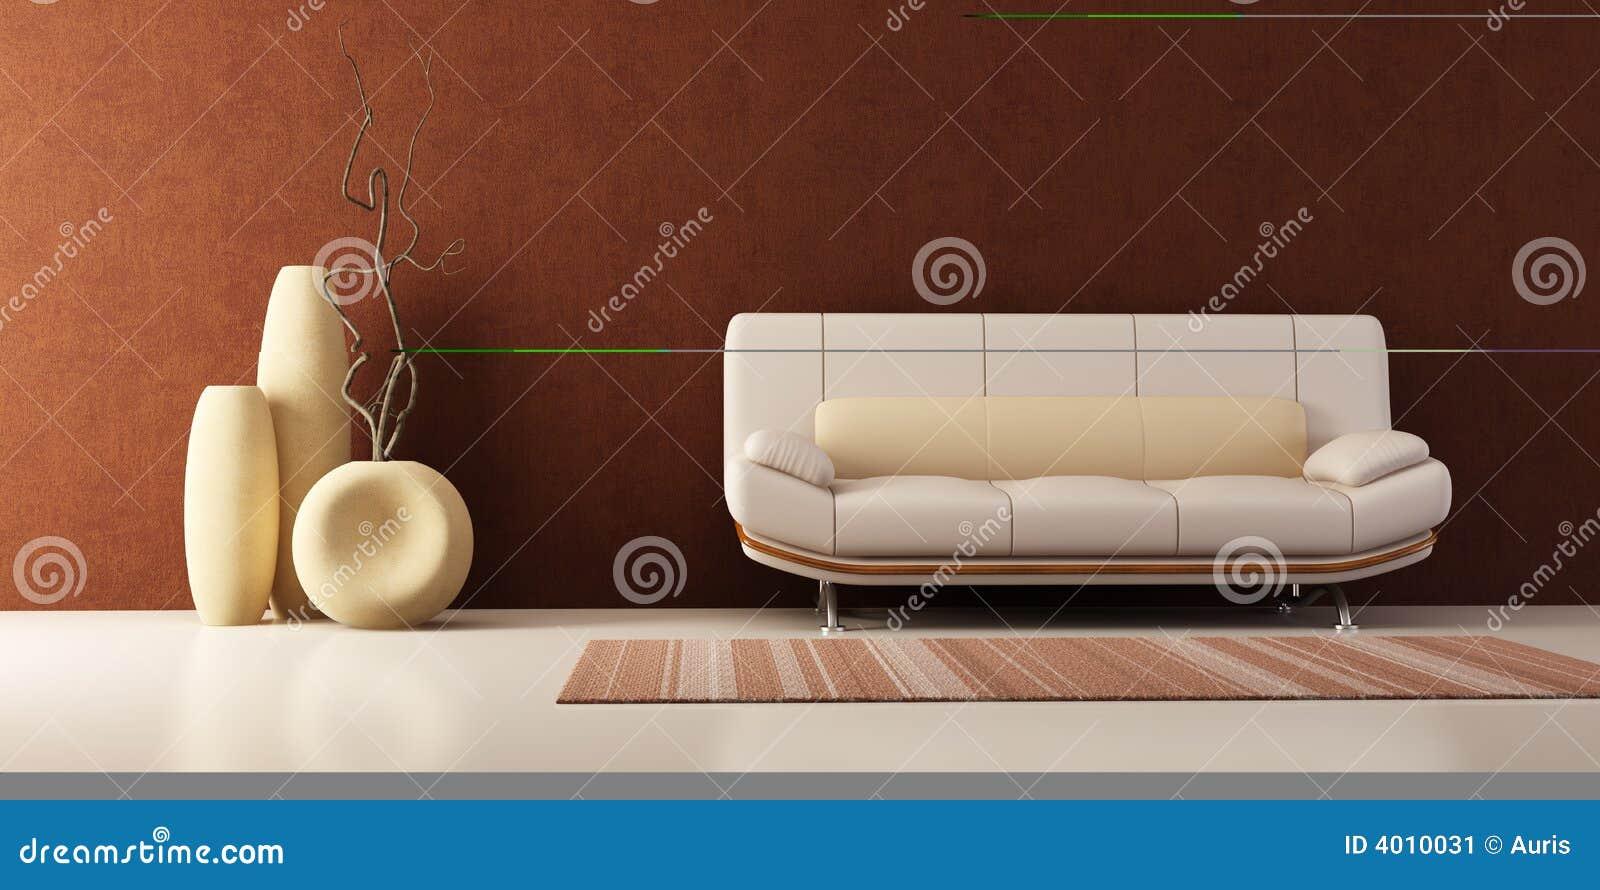 Quarto da sala de estar com sof e vasos imagem de stock for Sala de estar com um sofa